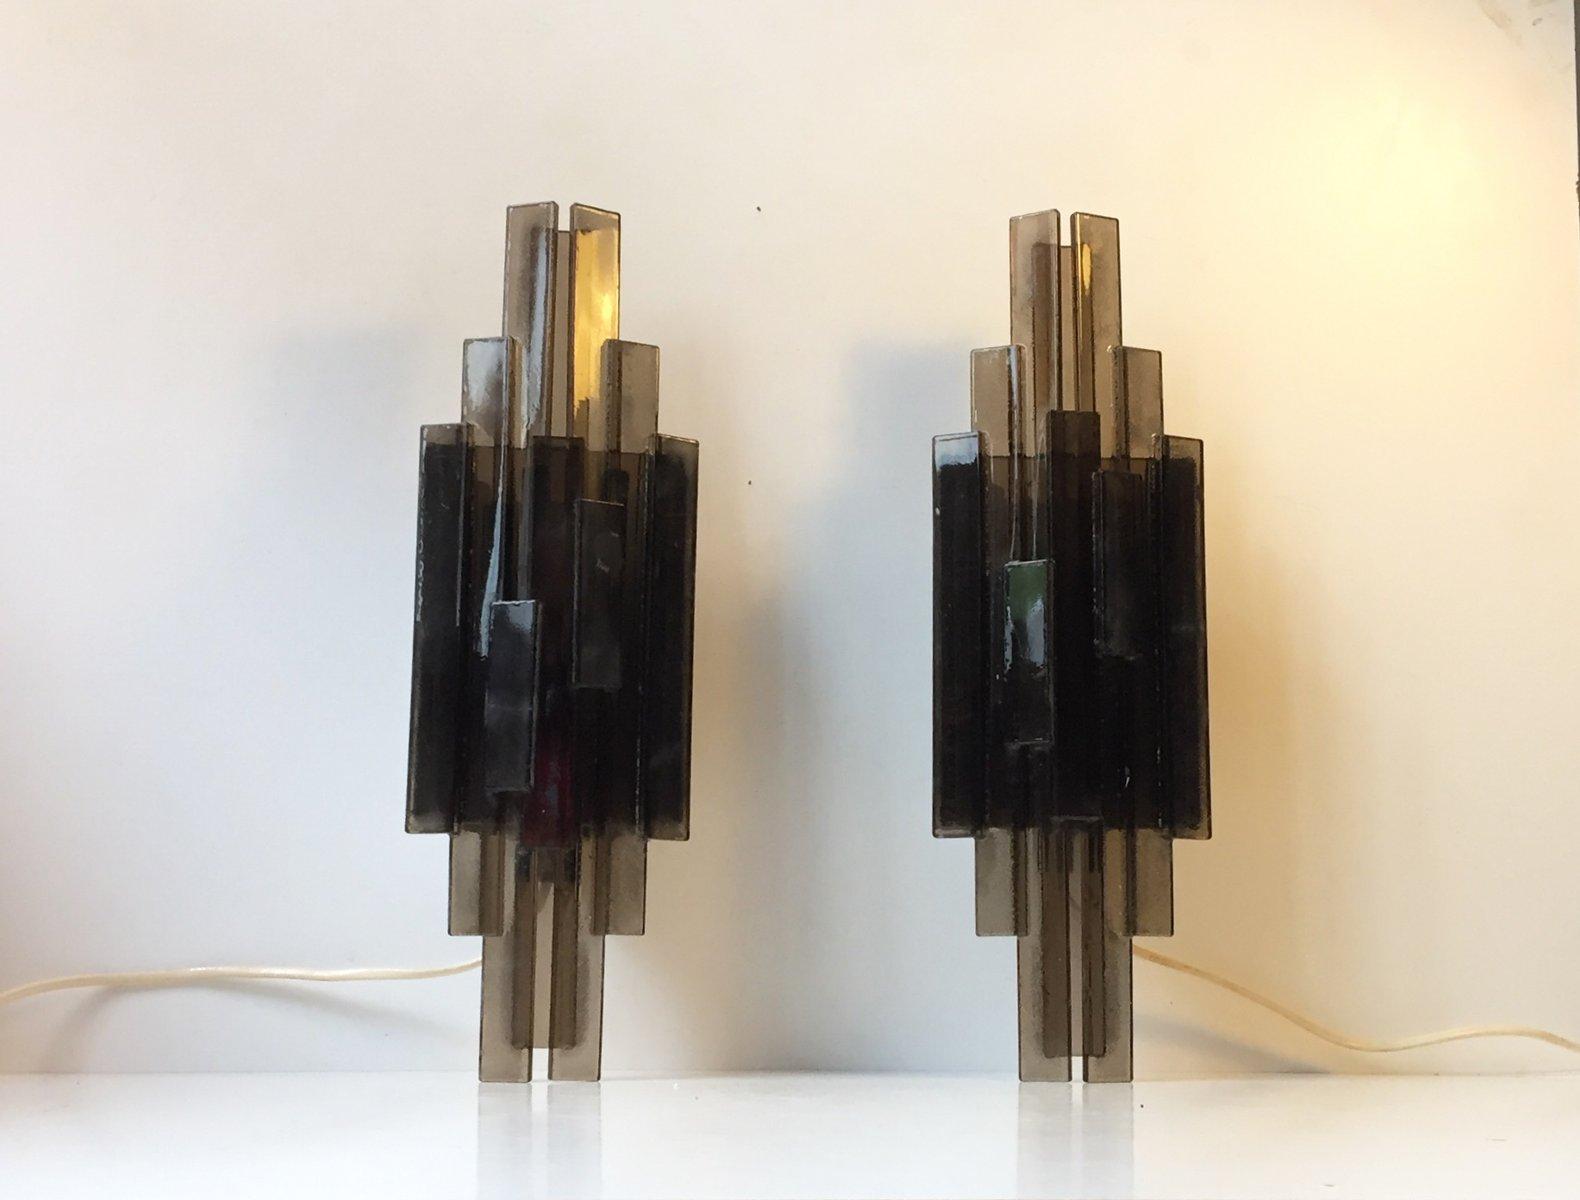 Applique in acrilico grigio di claus bolby per cebo industri